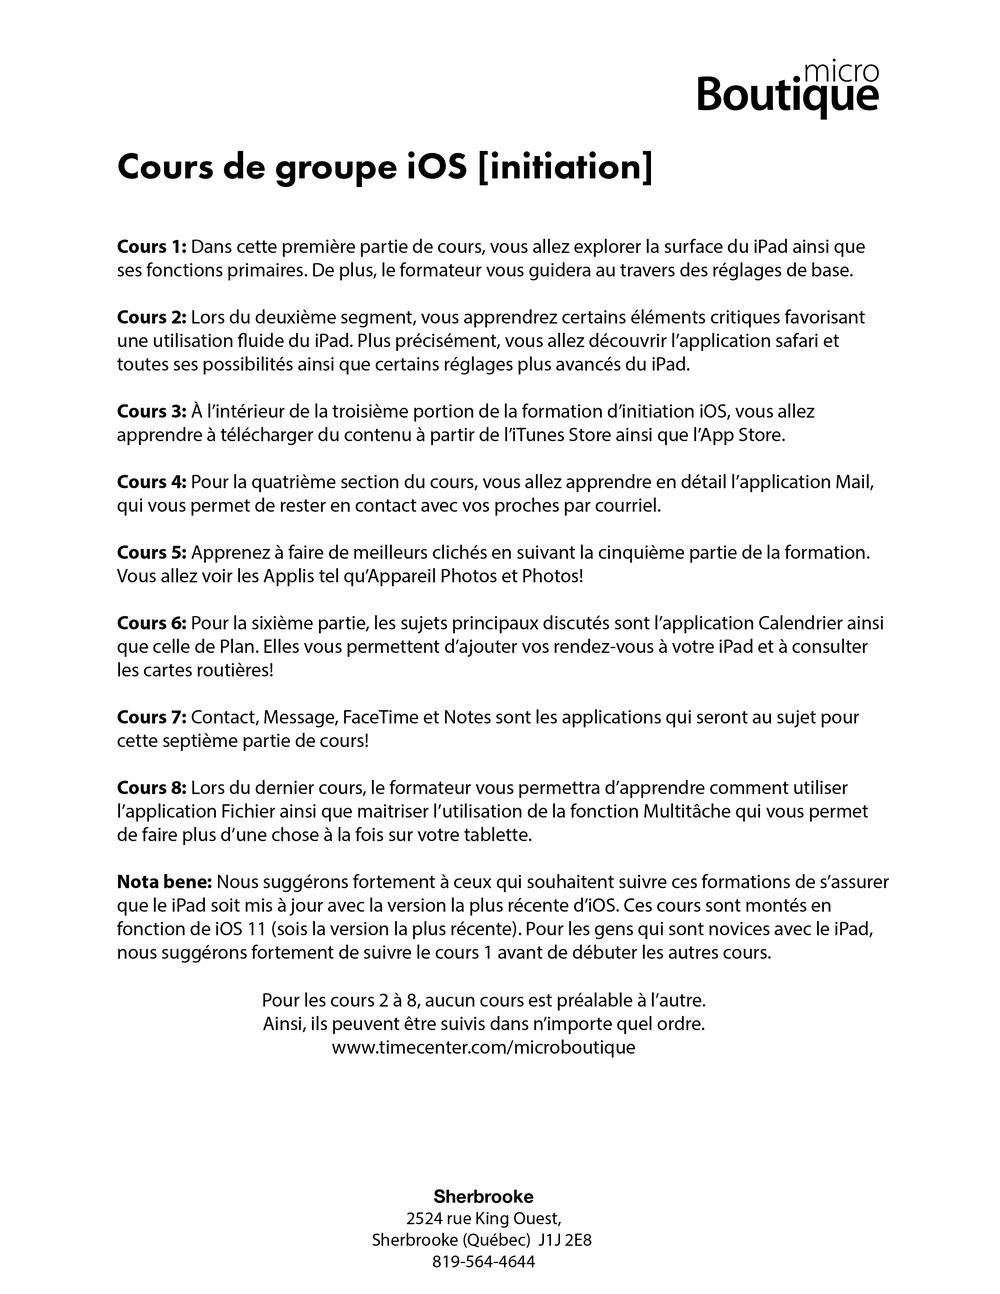 Cours de groupe ipad 10-2017-01 copy.png